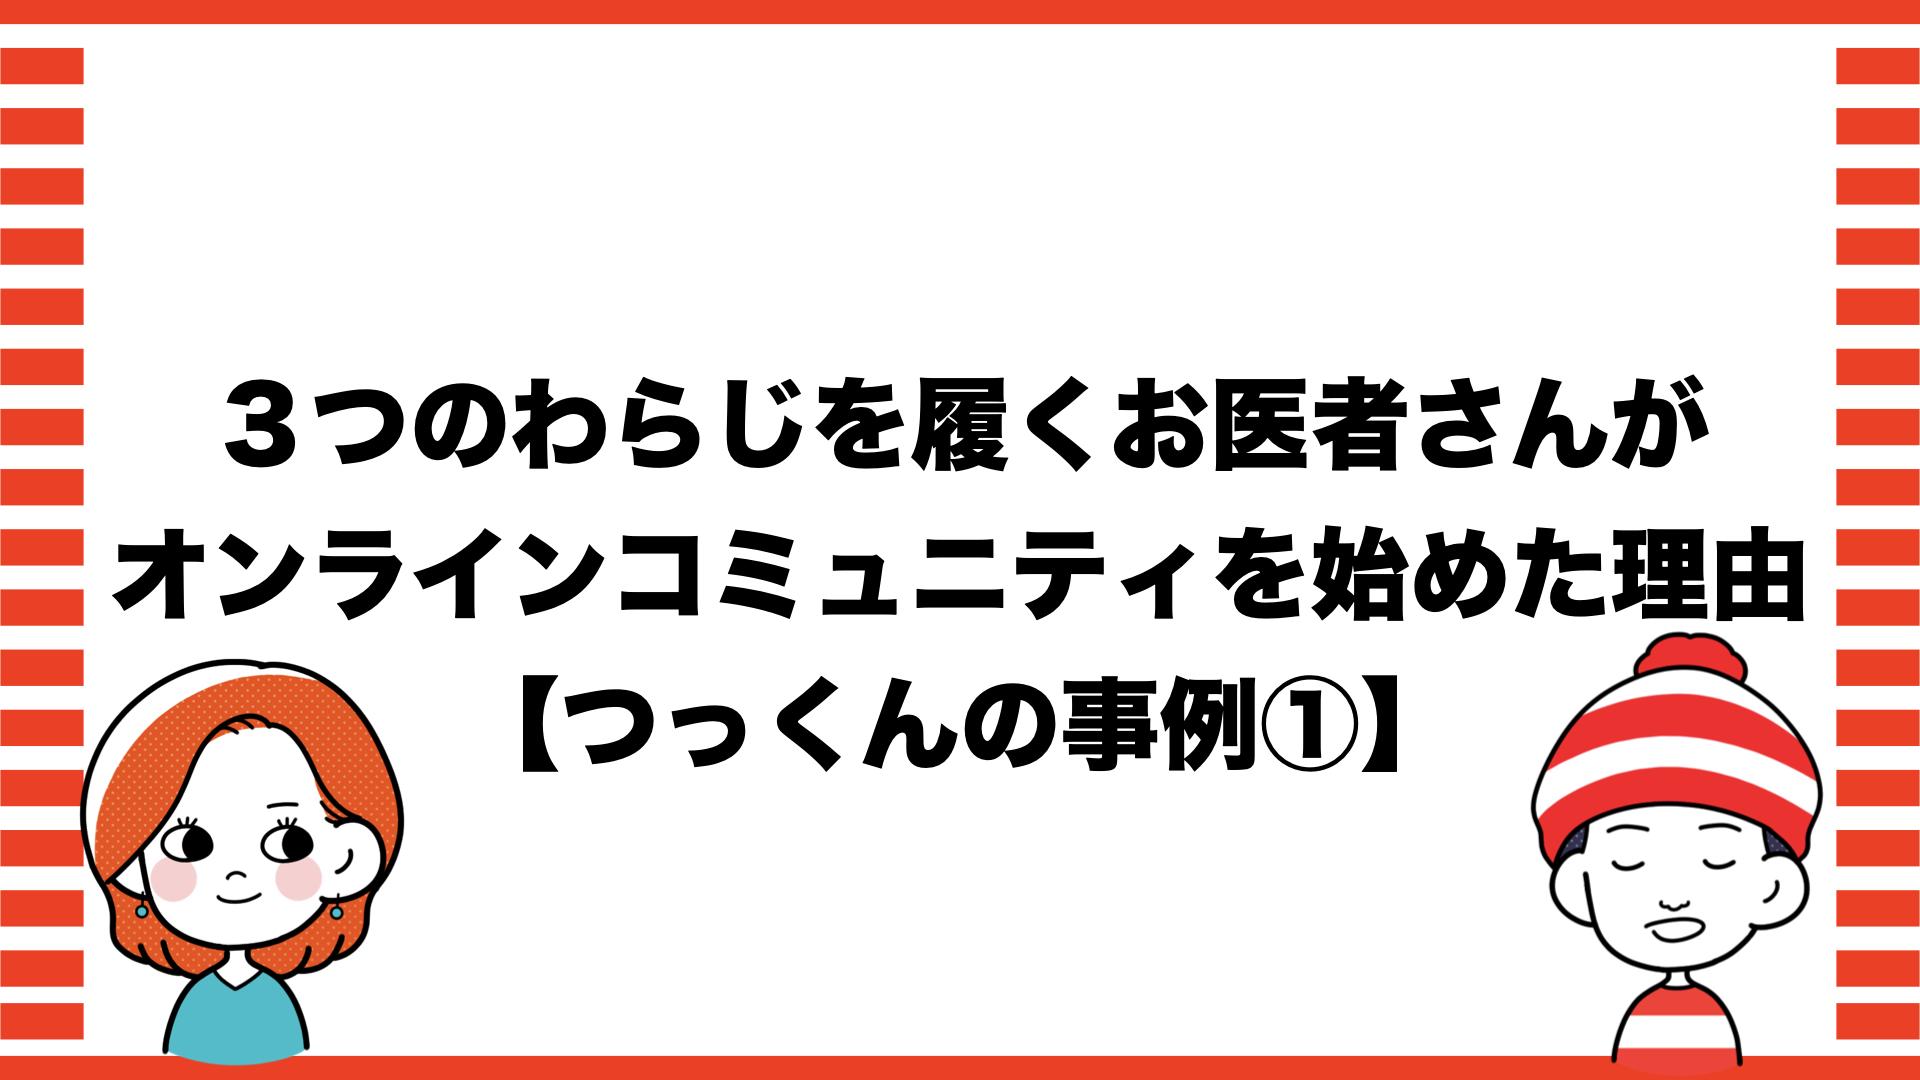 【つっくんの事例①】